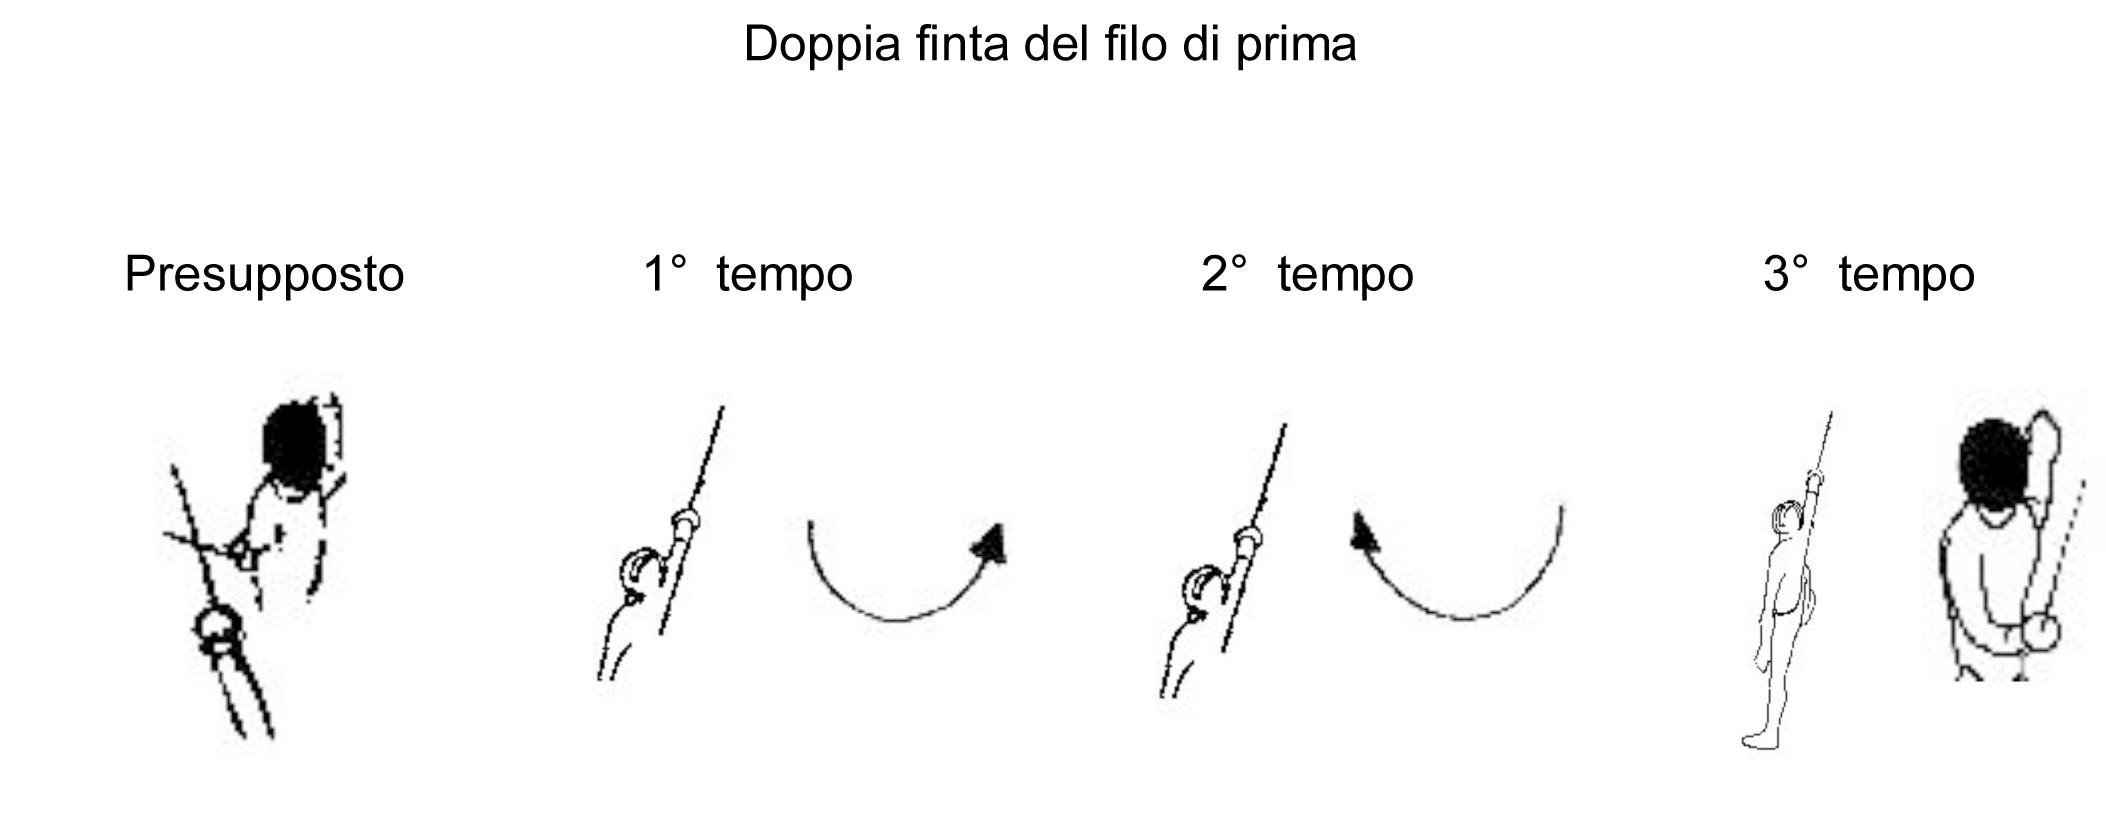 doppia-finta-del-filo-di-prima